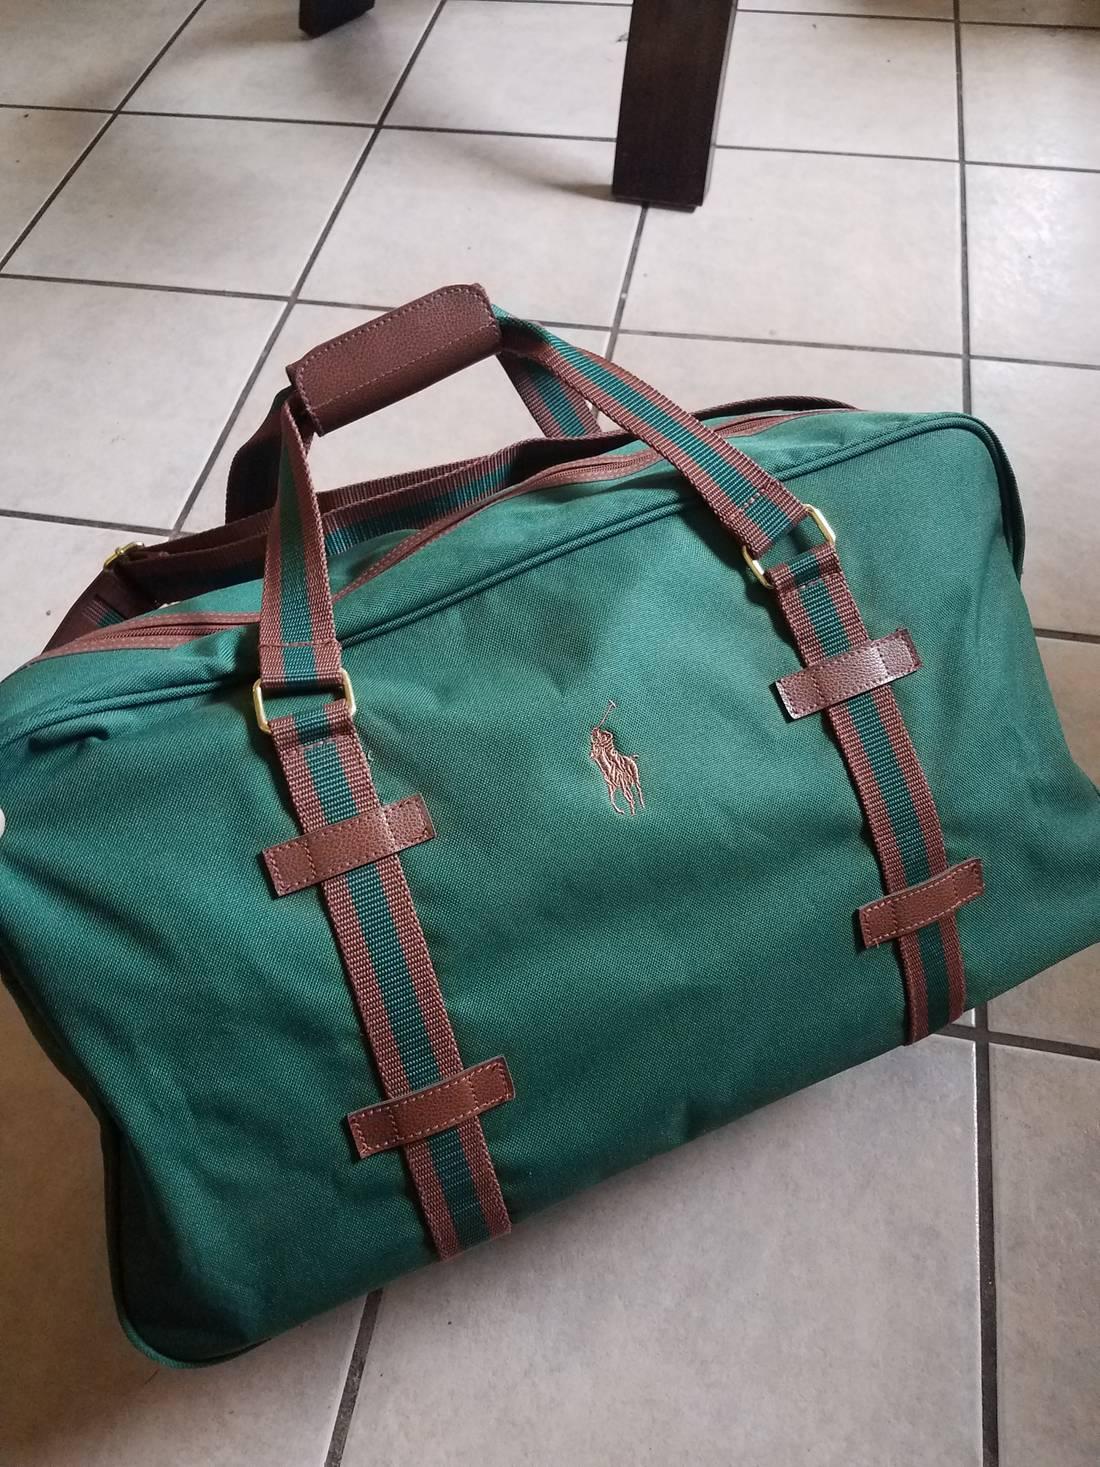 dd7cea968aca Polo Ralph Lauren Duffle Bag Blue Green